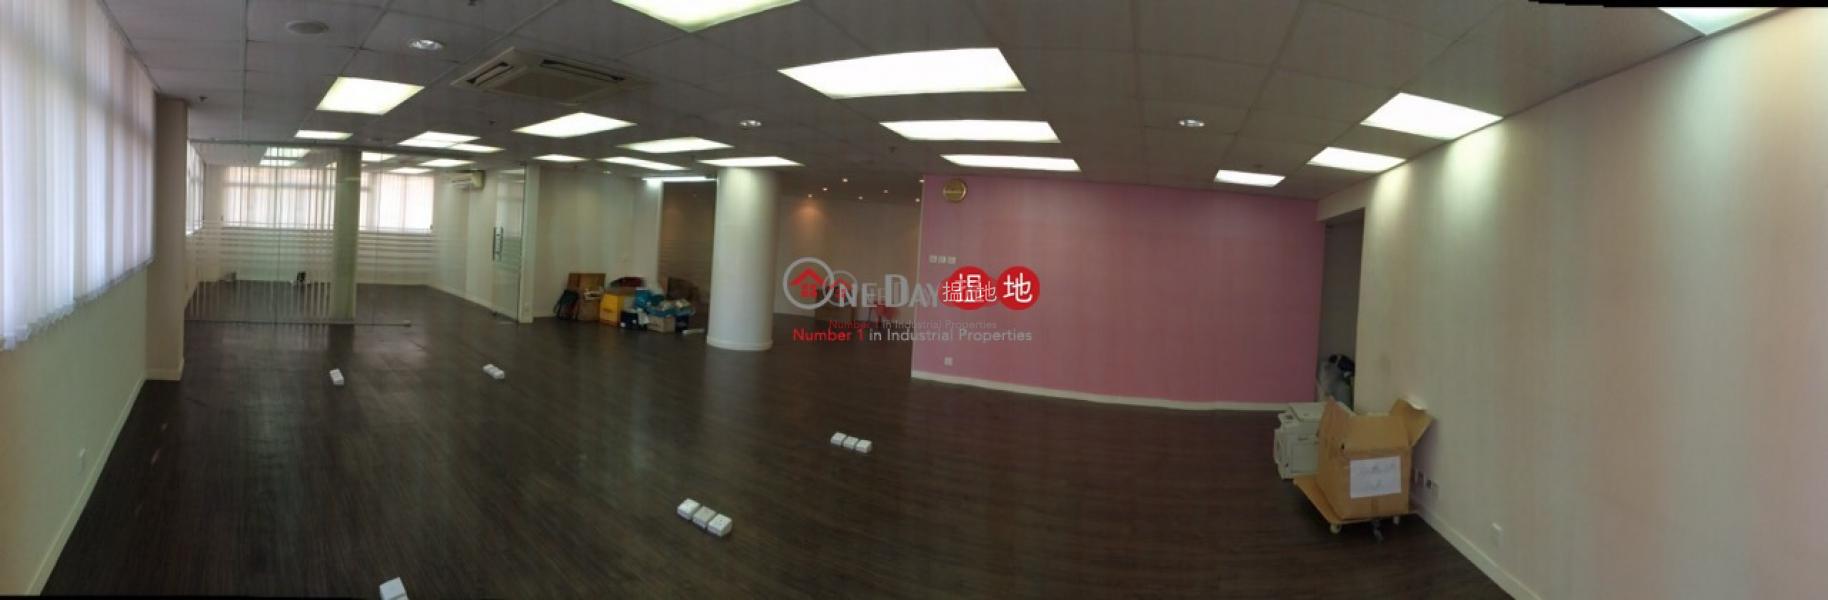 美聯工業大廈-23-31工業街 | 葵青-香港|出租|HK$ 25,000/ 月